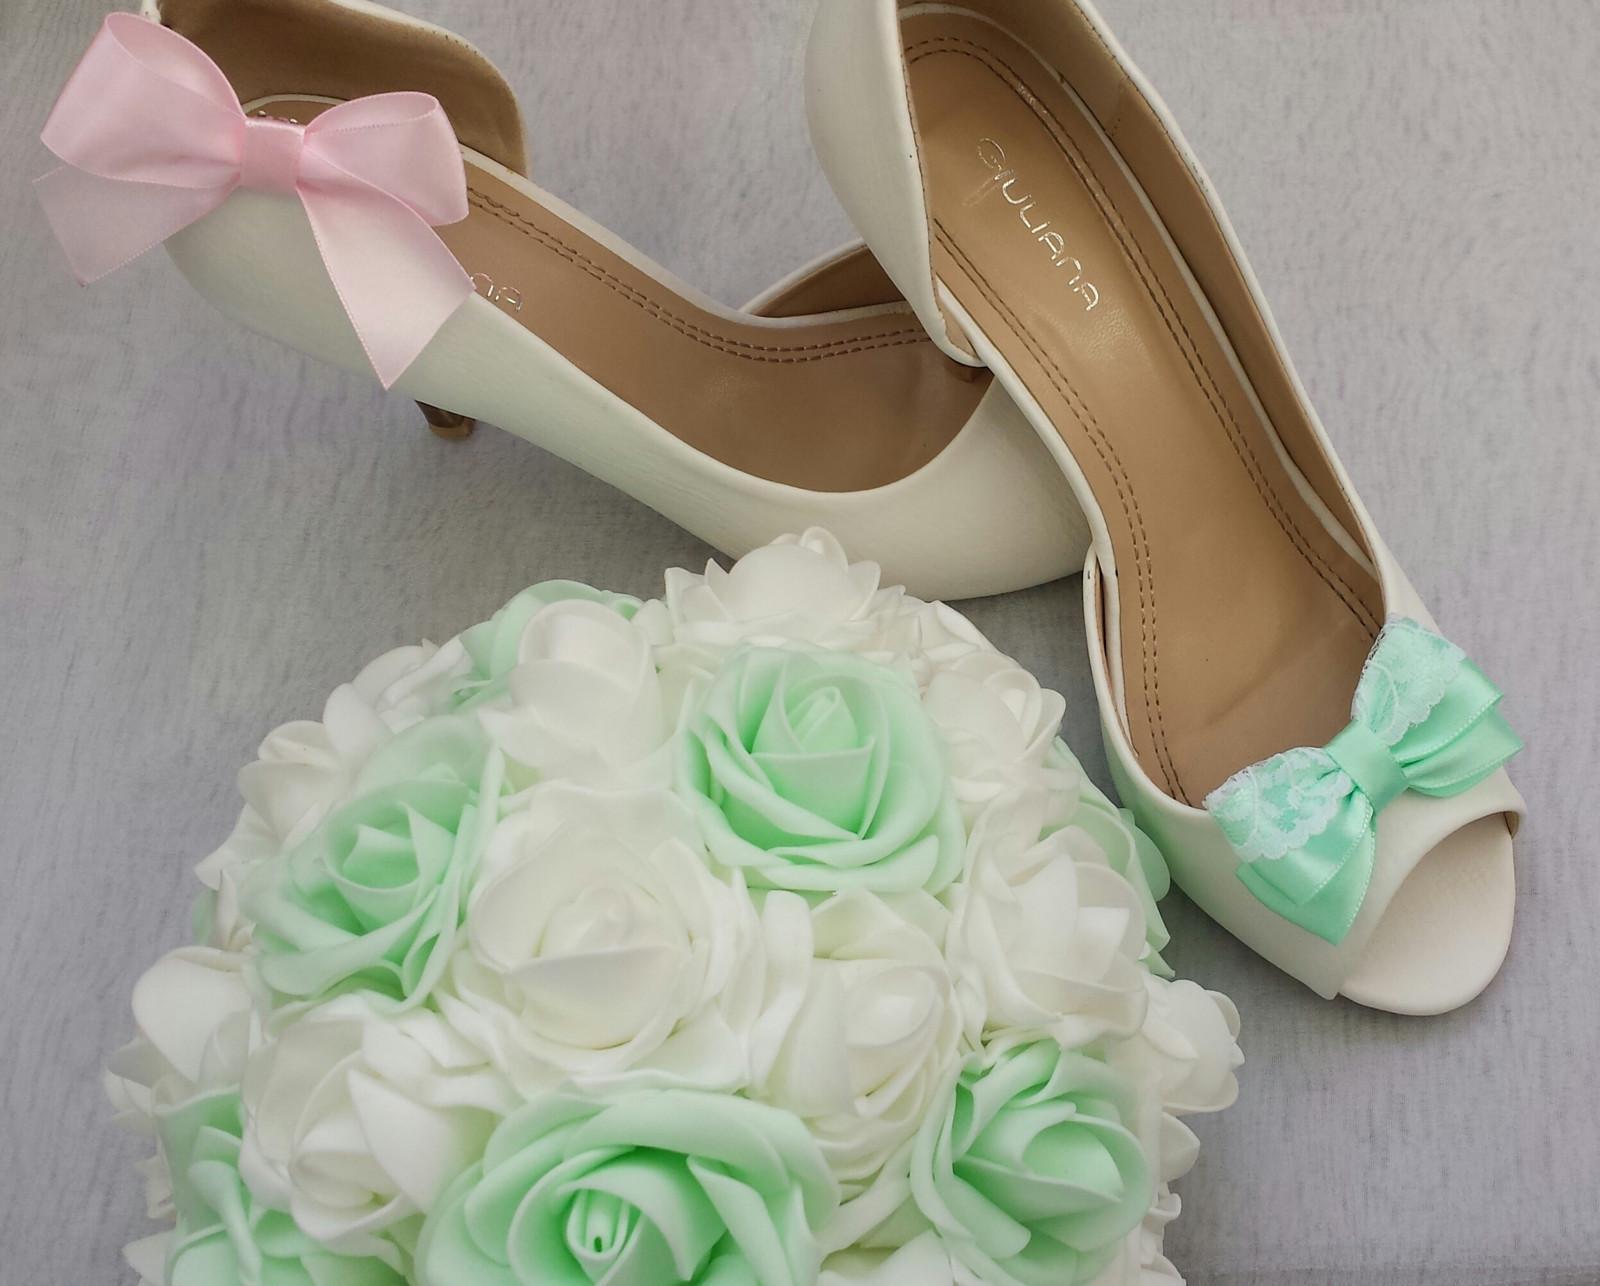 Klipy na boty s krajkou odstín dle přání  - Obrázek č. 2